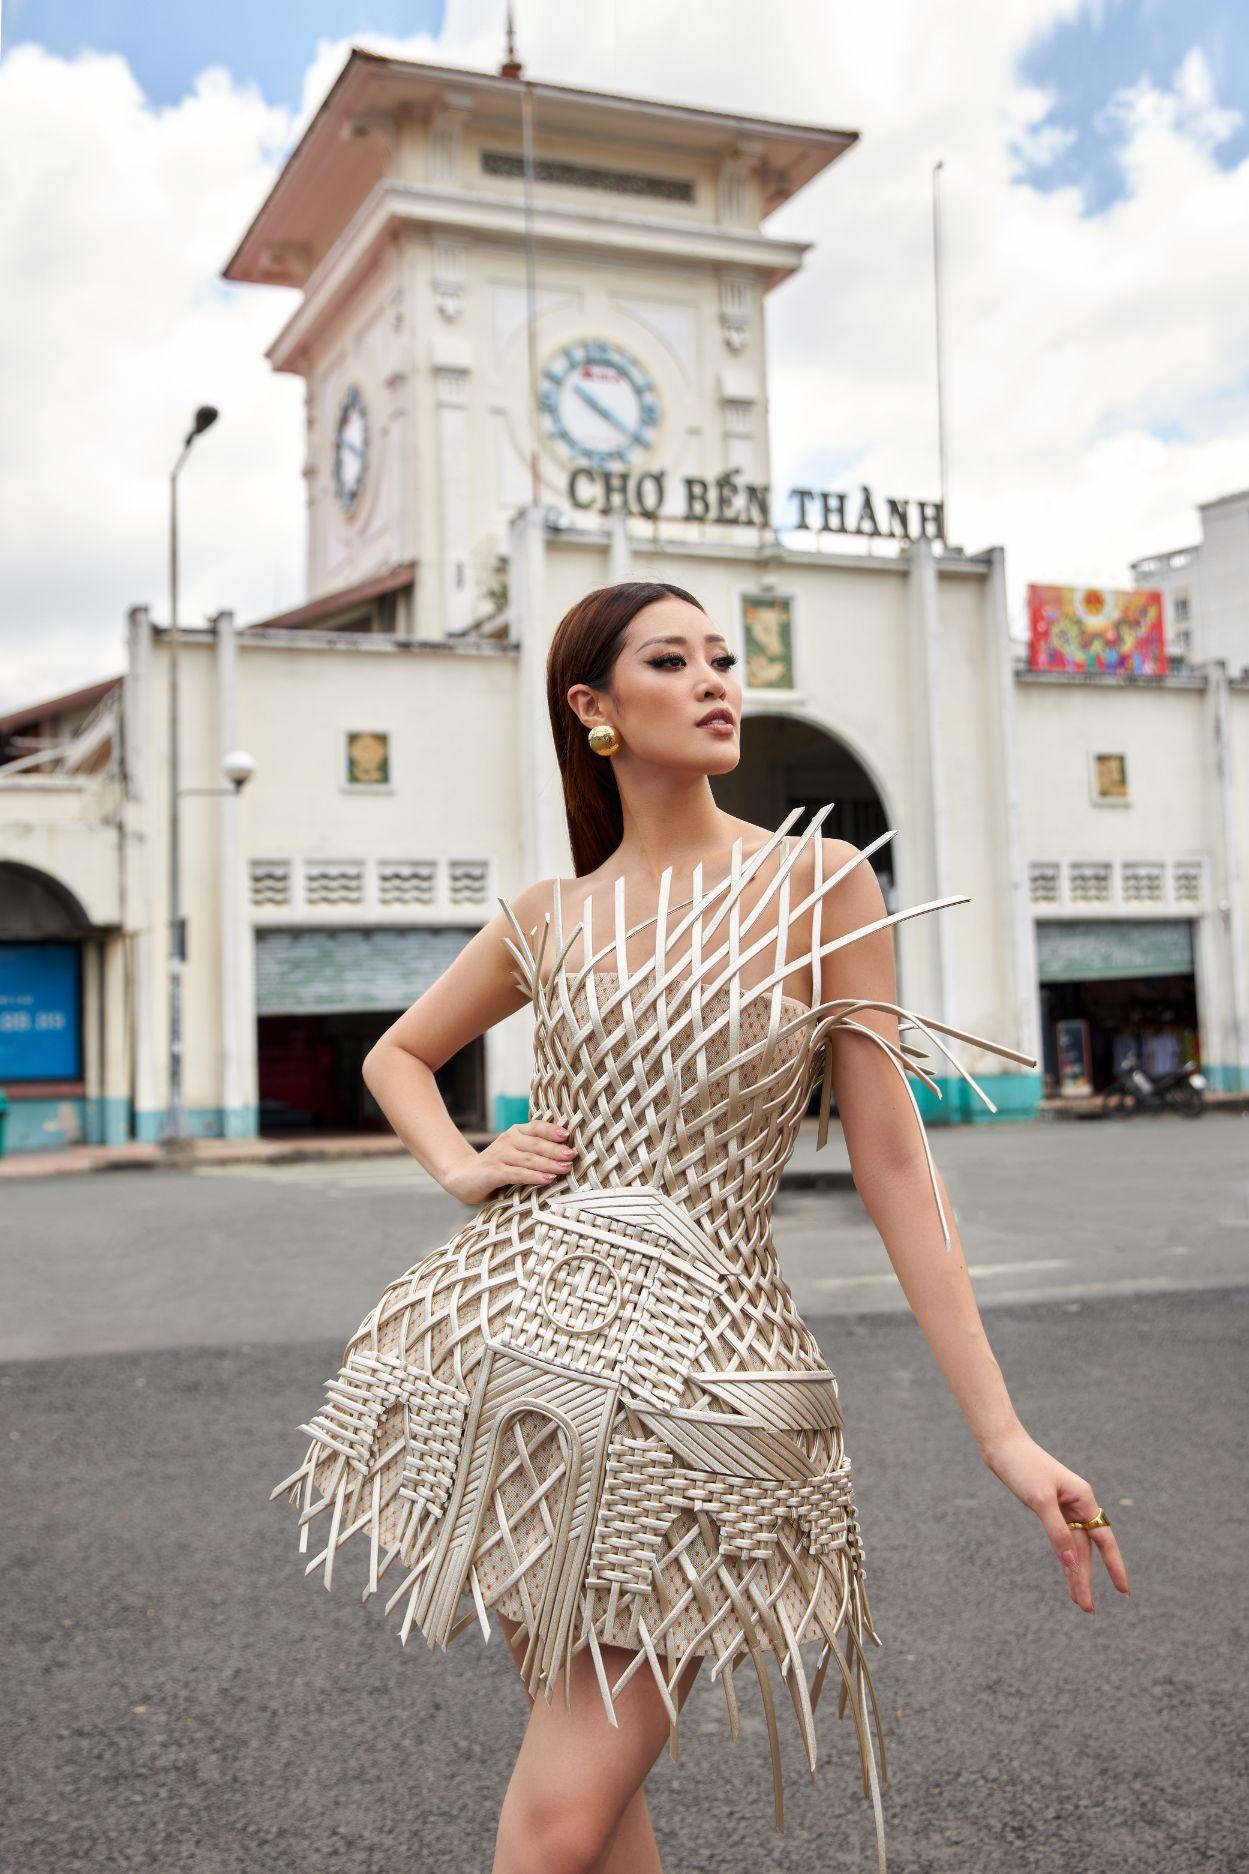 Hoa hau Khanh Van5 Hoa hậu Khánh Vân quảng bá TP.HCM thông qua trang phục tại Miss Universe